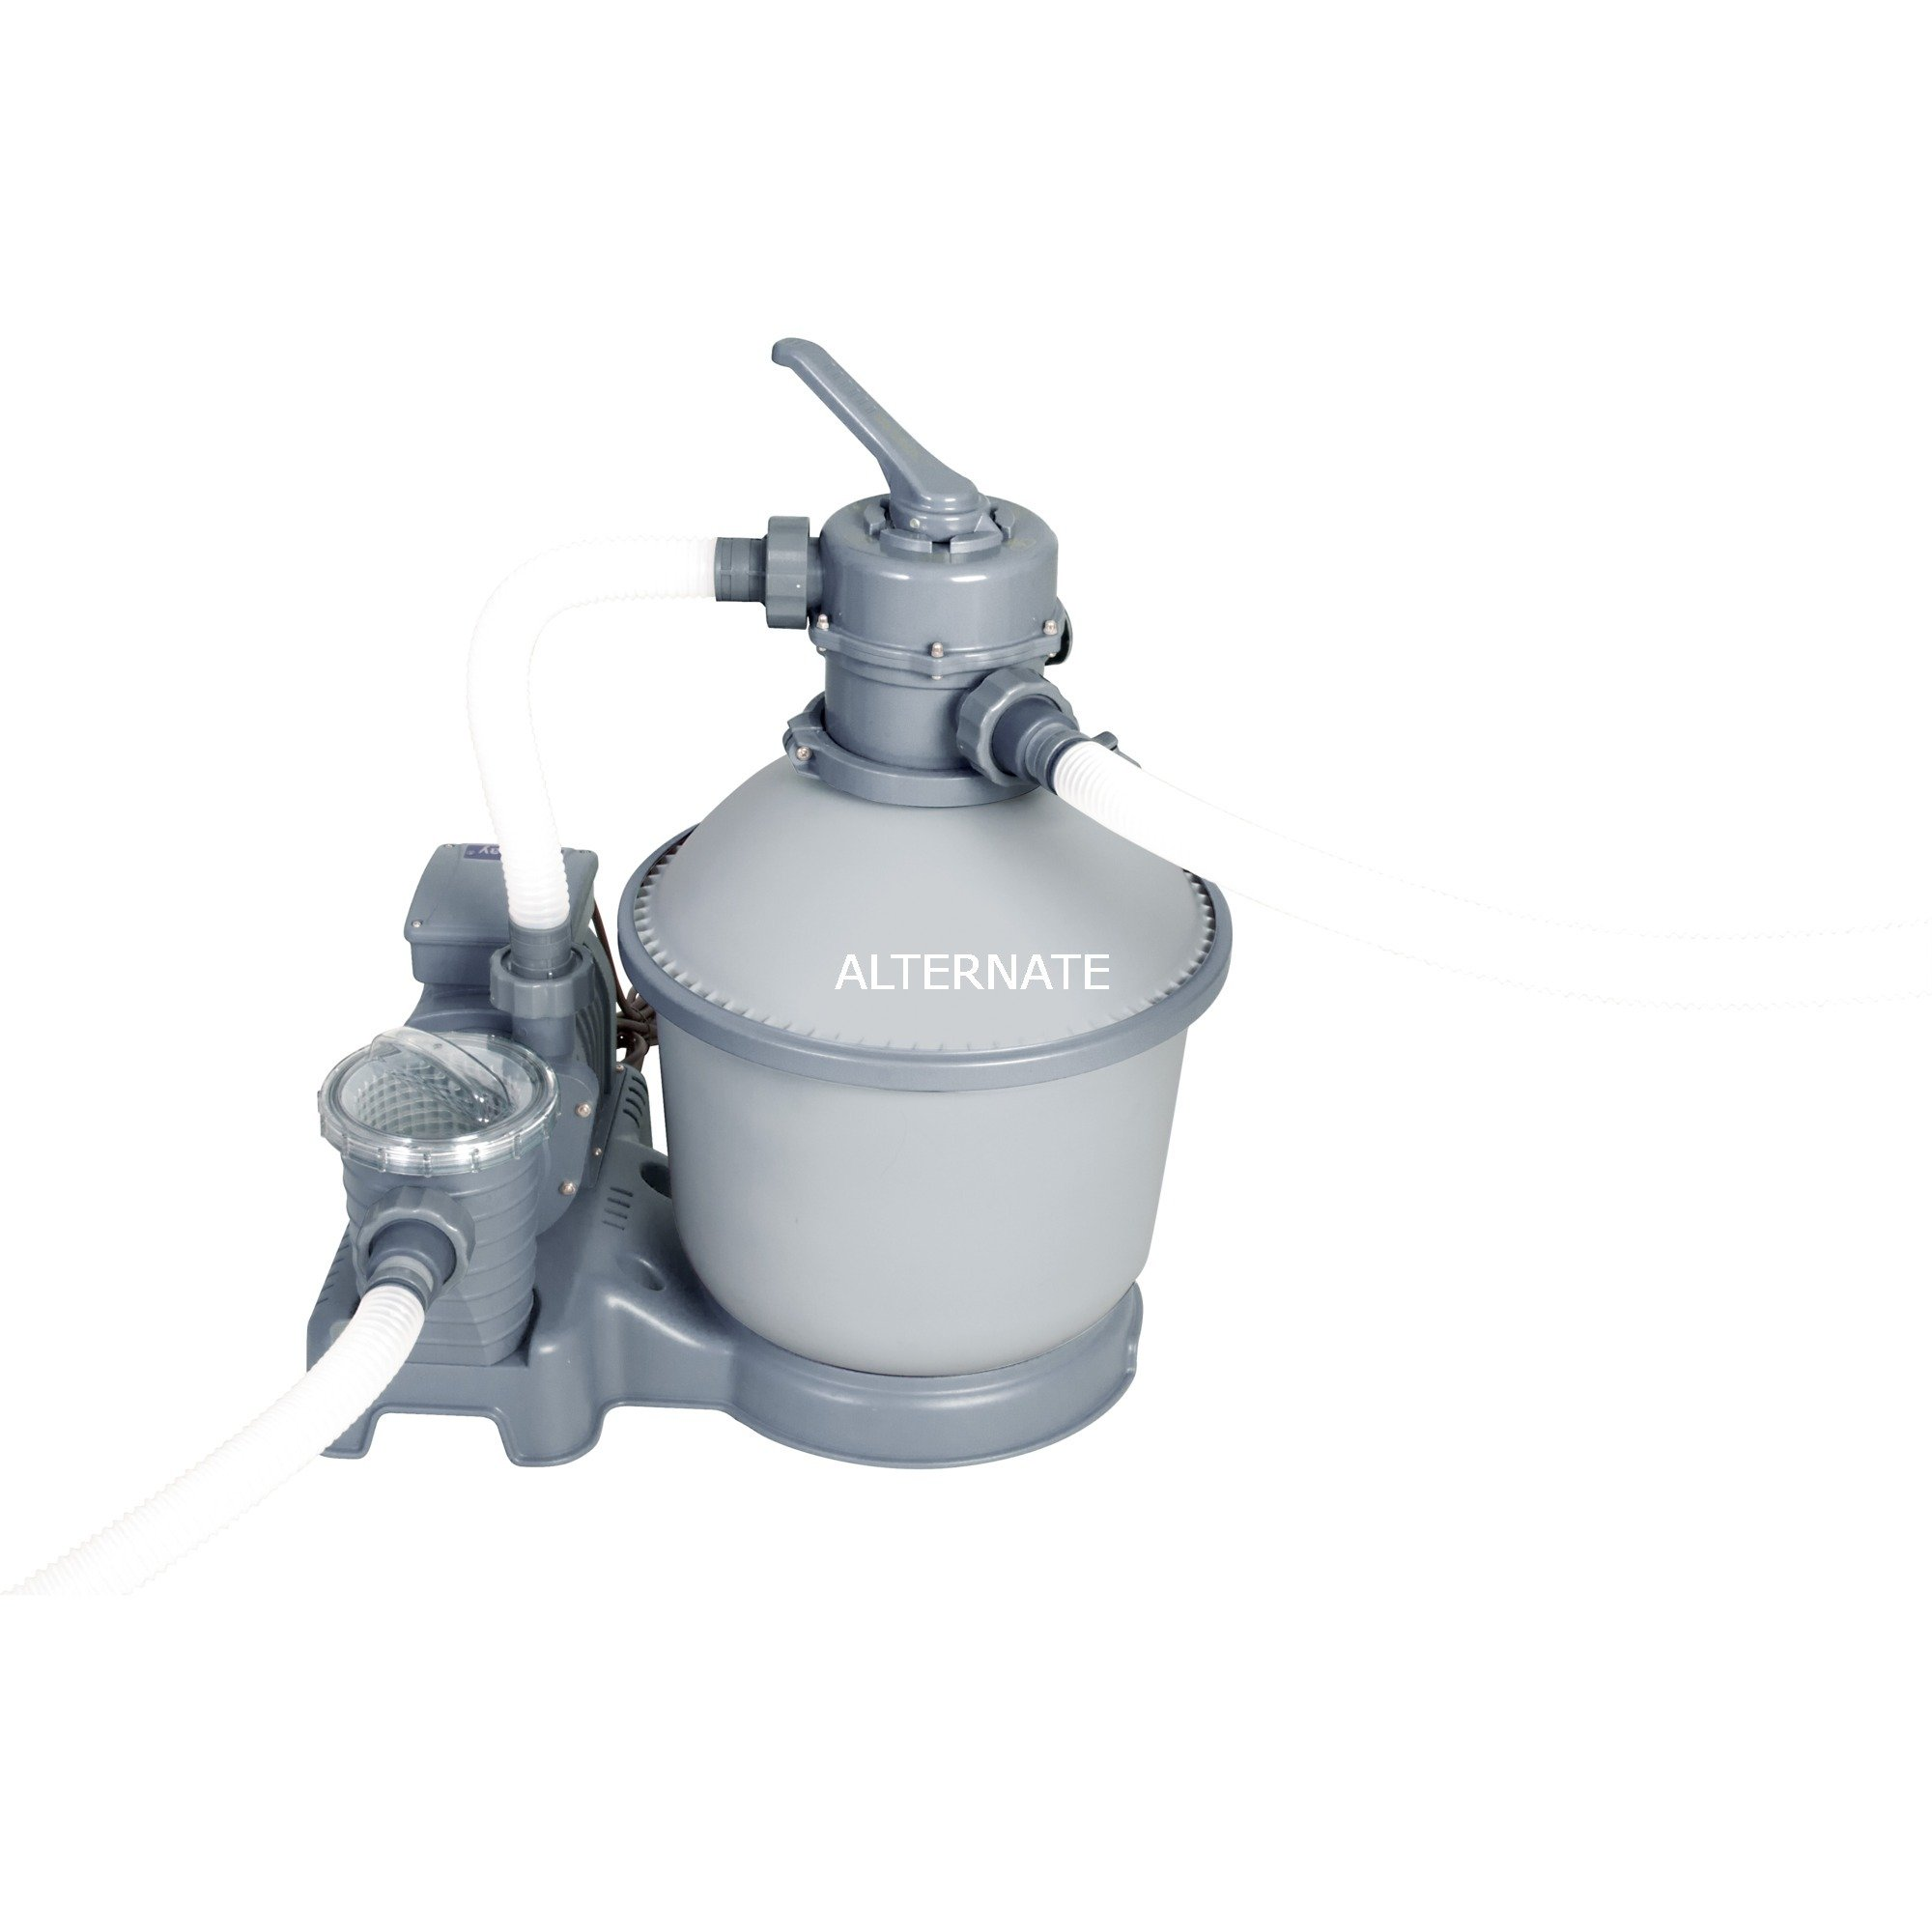 58400 Bomba con filtro de arena accesorio para piscina, Filtro de agua